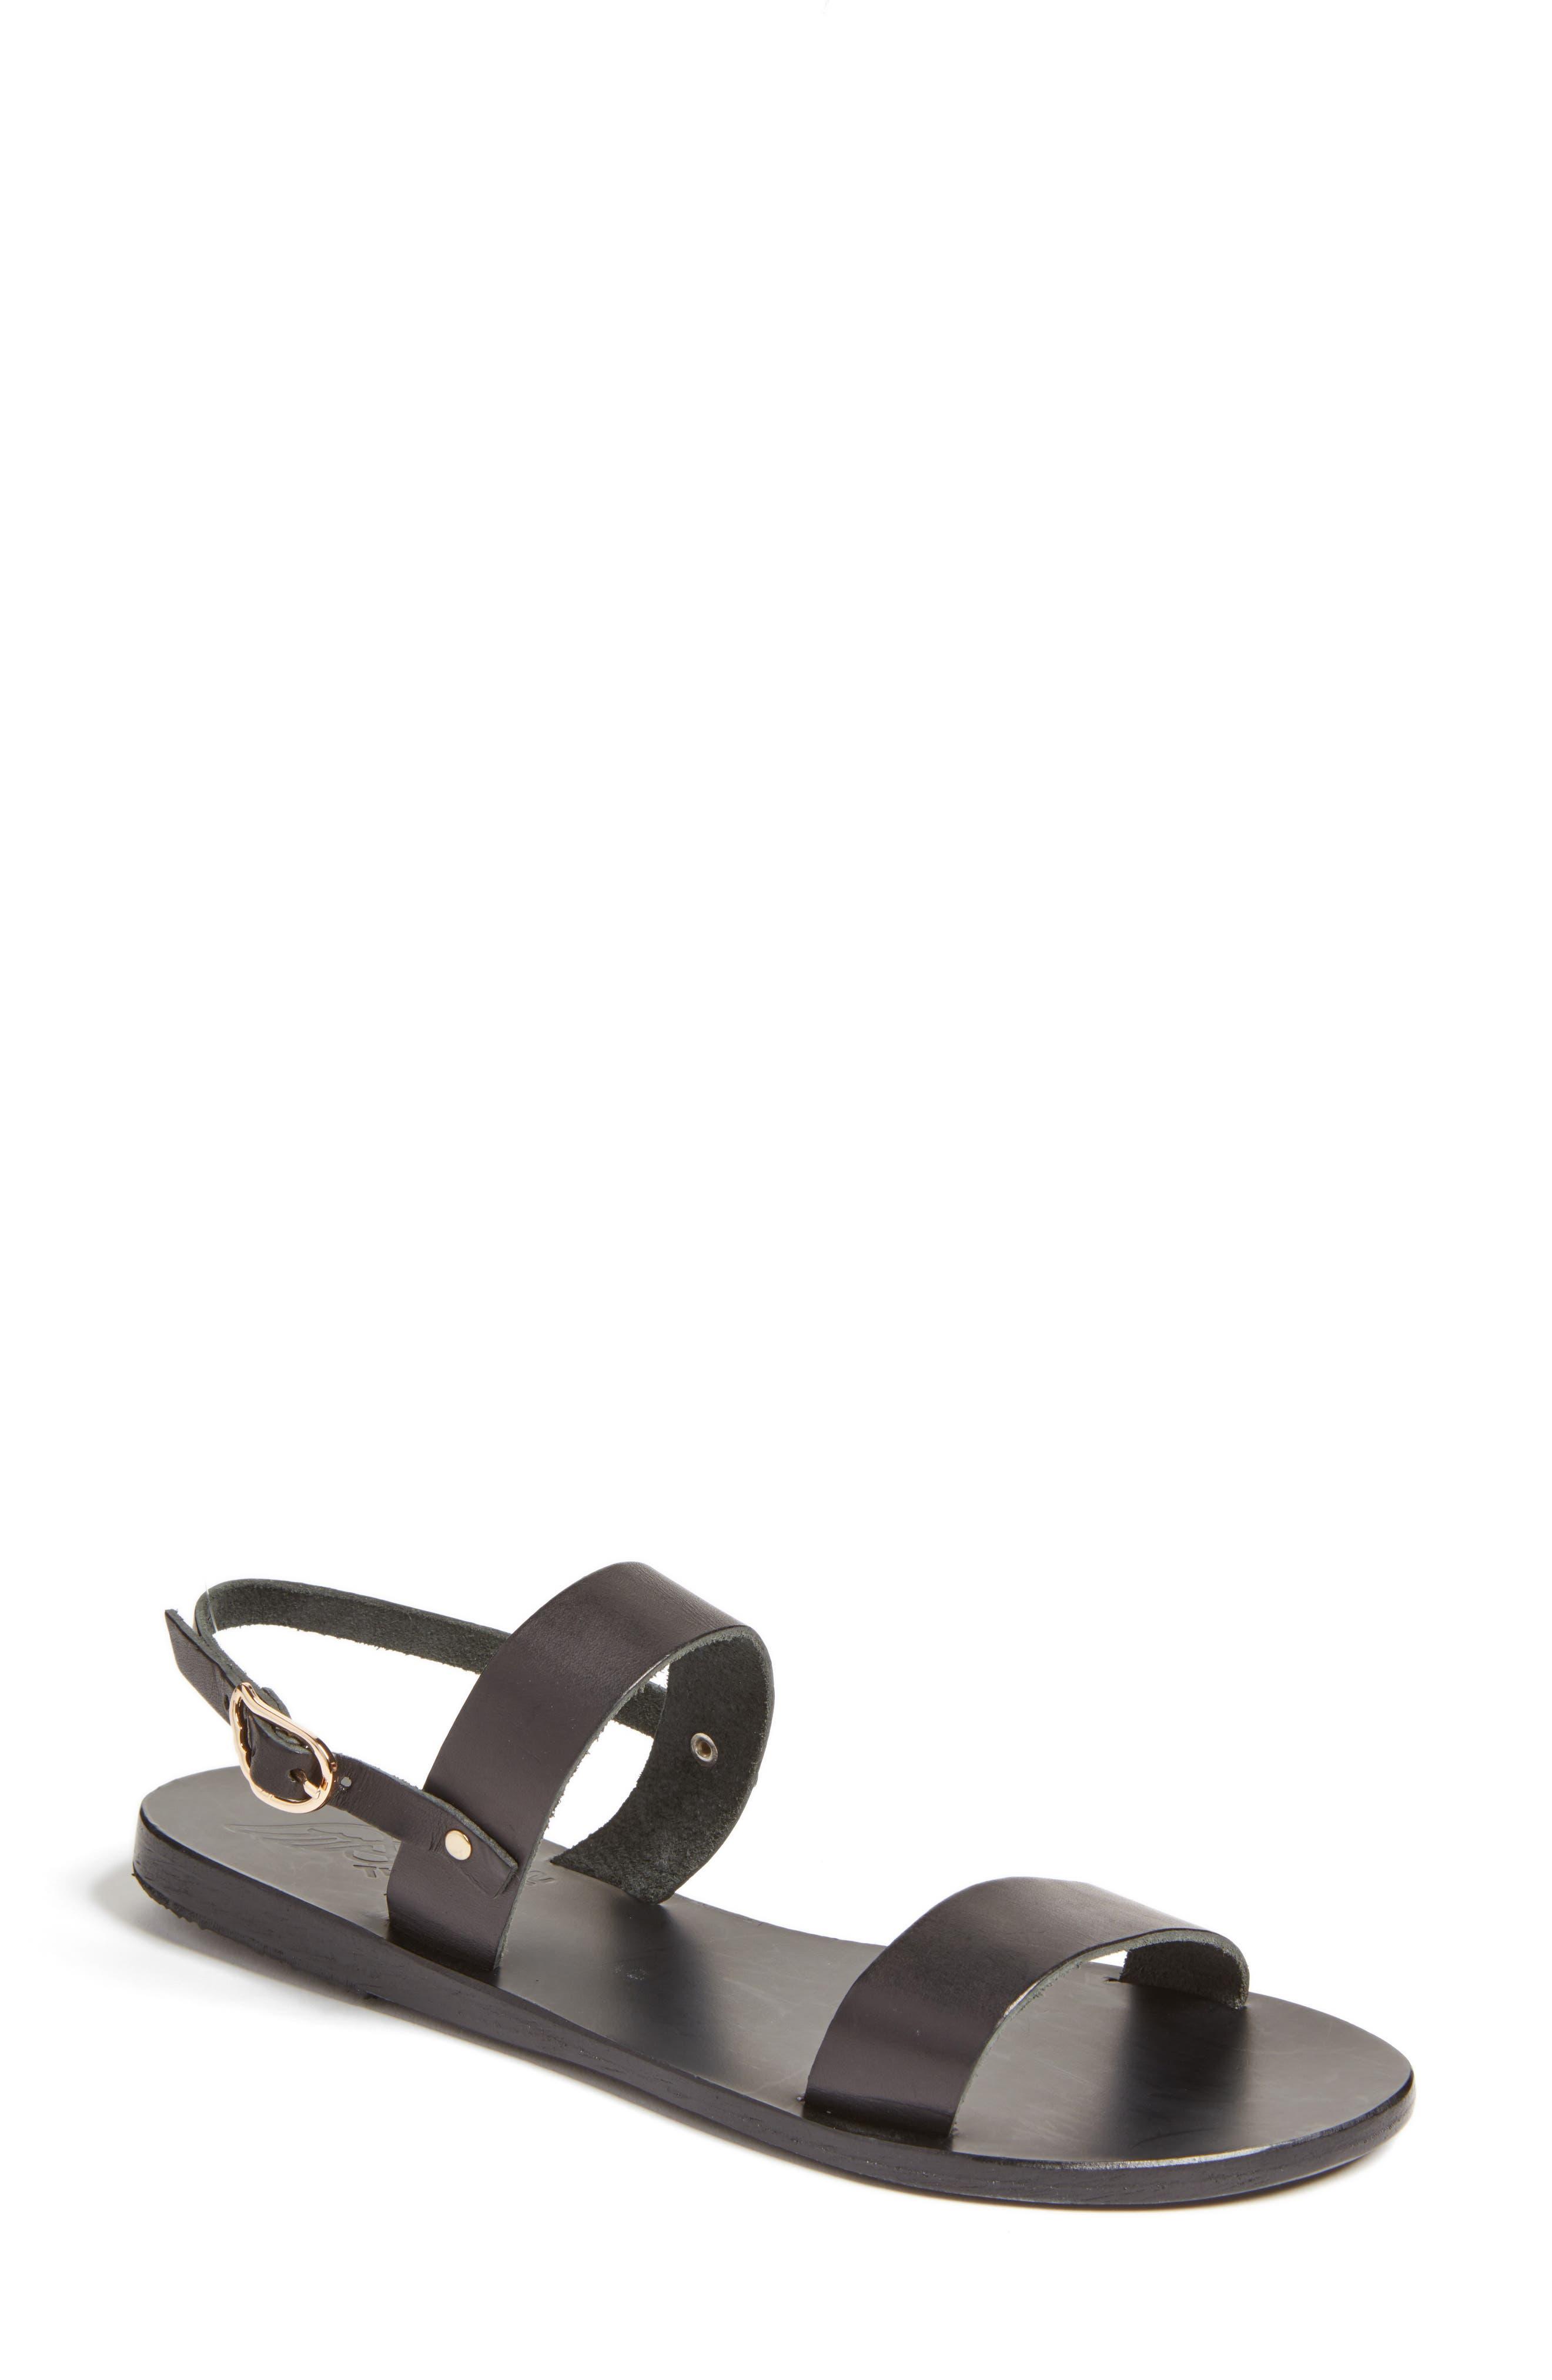 Clio Slingback Sandal,                             Main thumbnail 1, color,                             BLACK